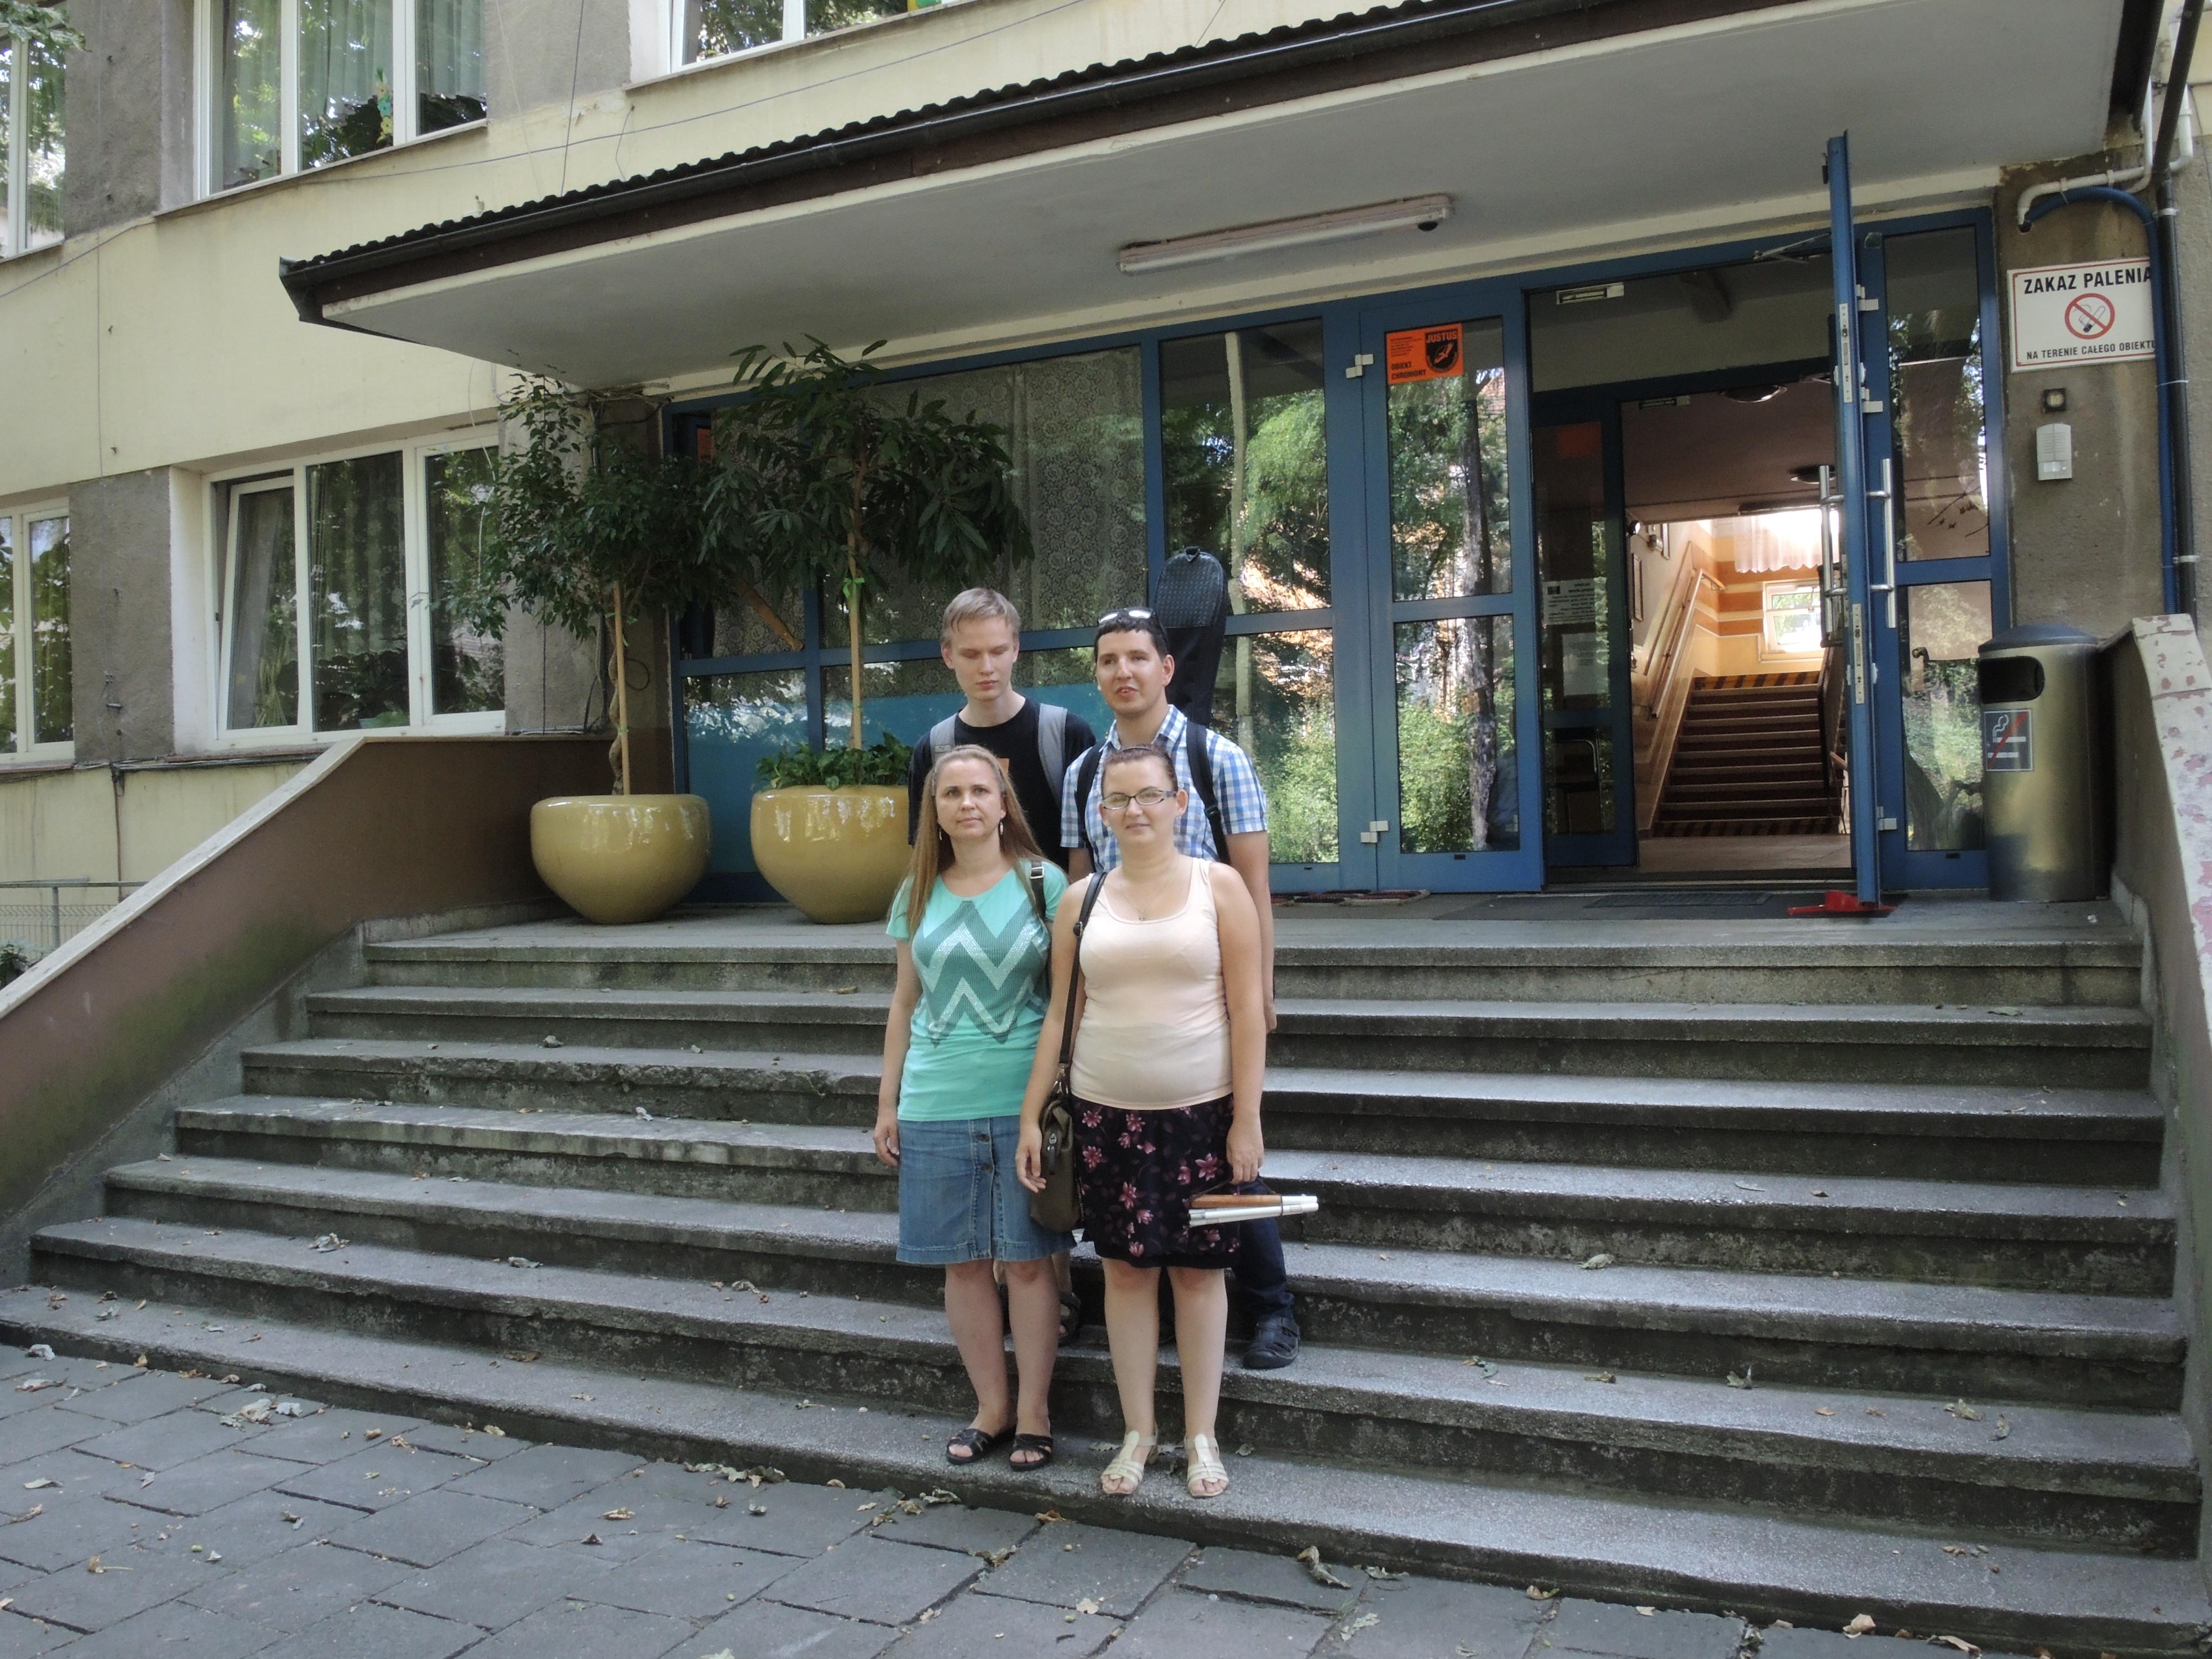 Cztery osoby - dwie kobiety i dwóch mężczyzn - stoją na schodach przed budynkiem.